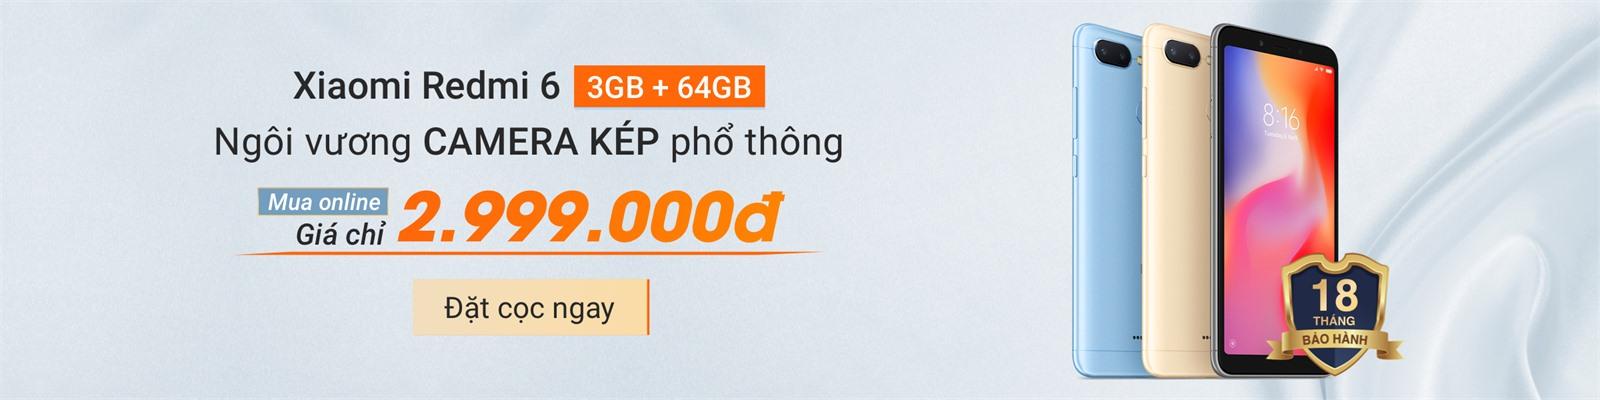 ĐẶT TRƯỚC ONLINE RƯỚC NGAY  XIAOMI RED 6 3GB-64GB : 2,999,000Đ